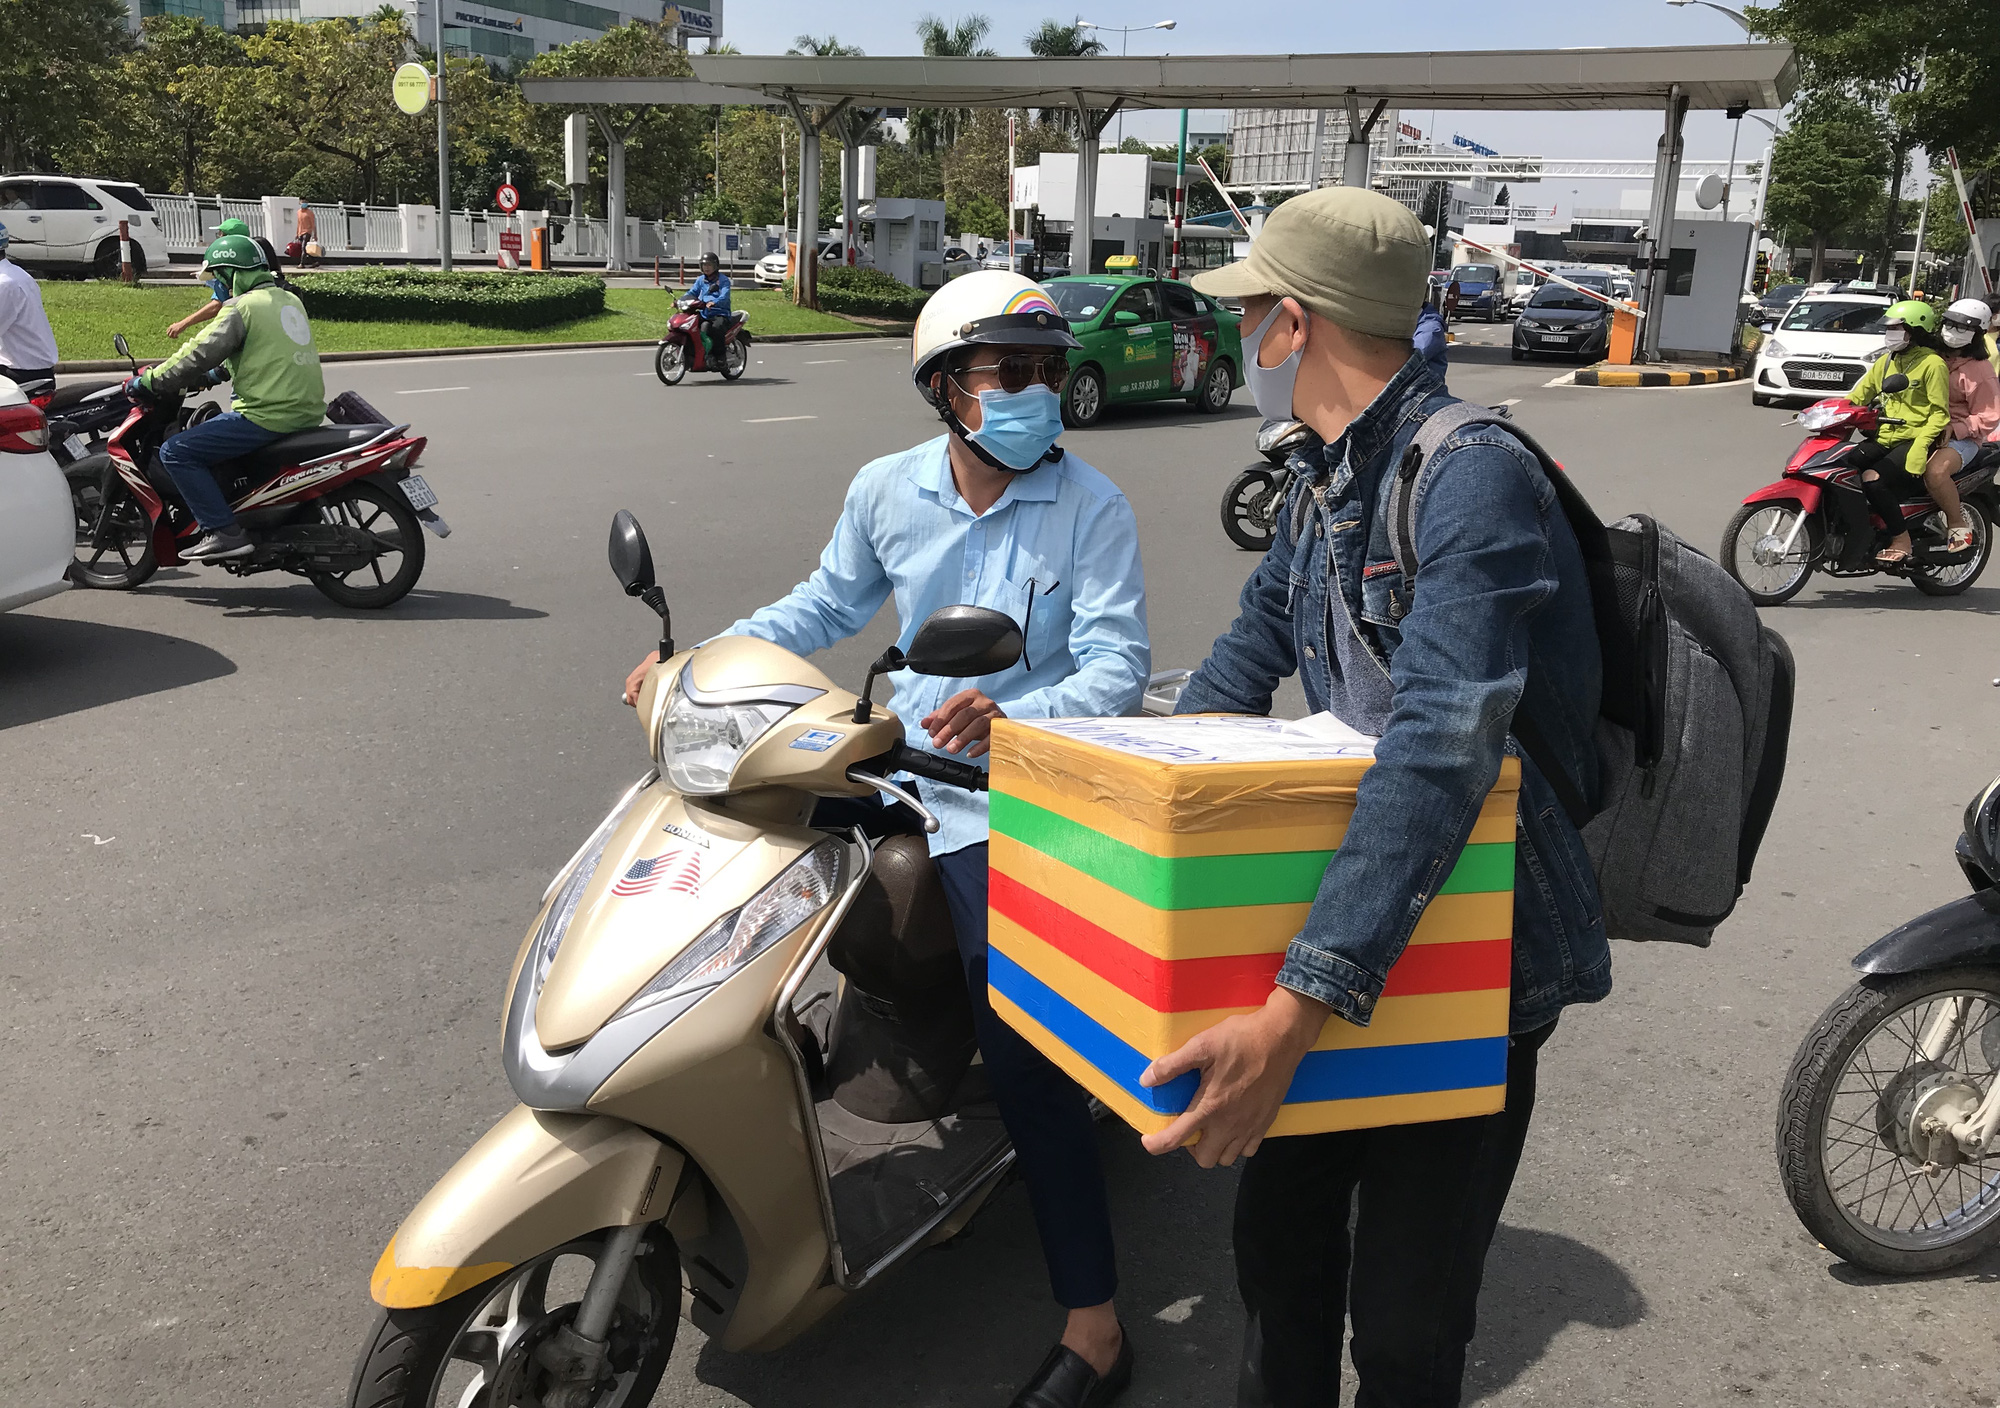 Khách vã mồ hôi, vác vali ra khỏi sân bay Tân Sơn Nhất,  cắt ngang làn ô tô để đón xe - Ảnh 3.